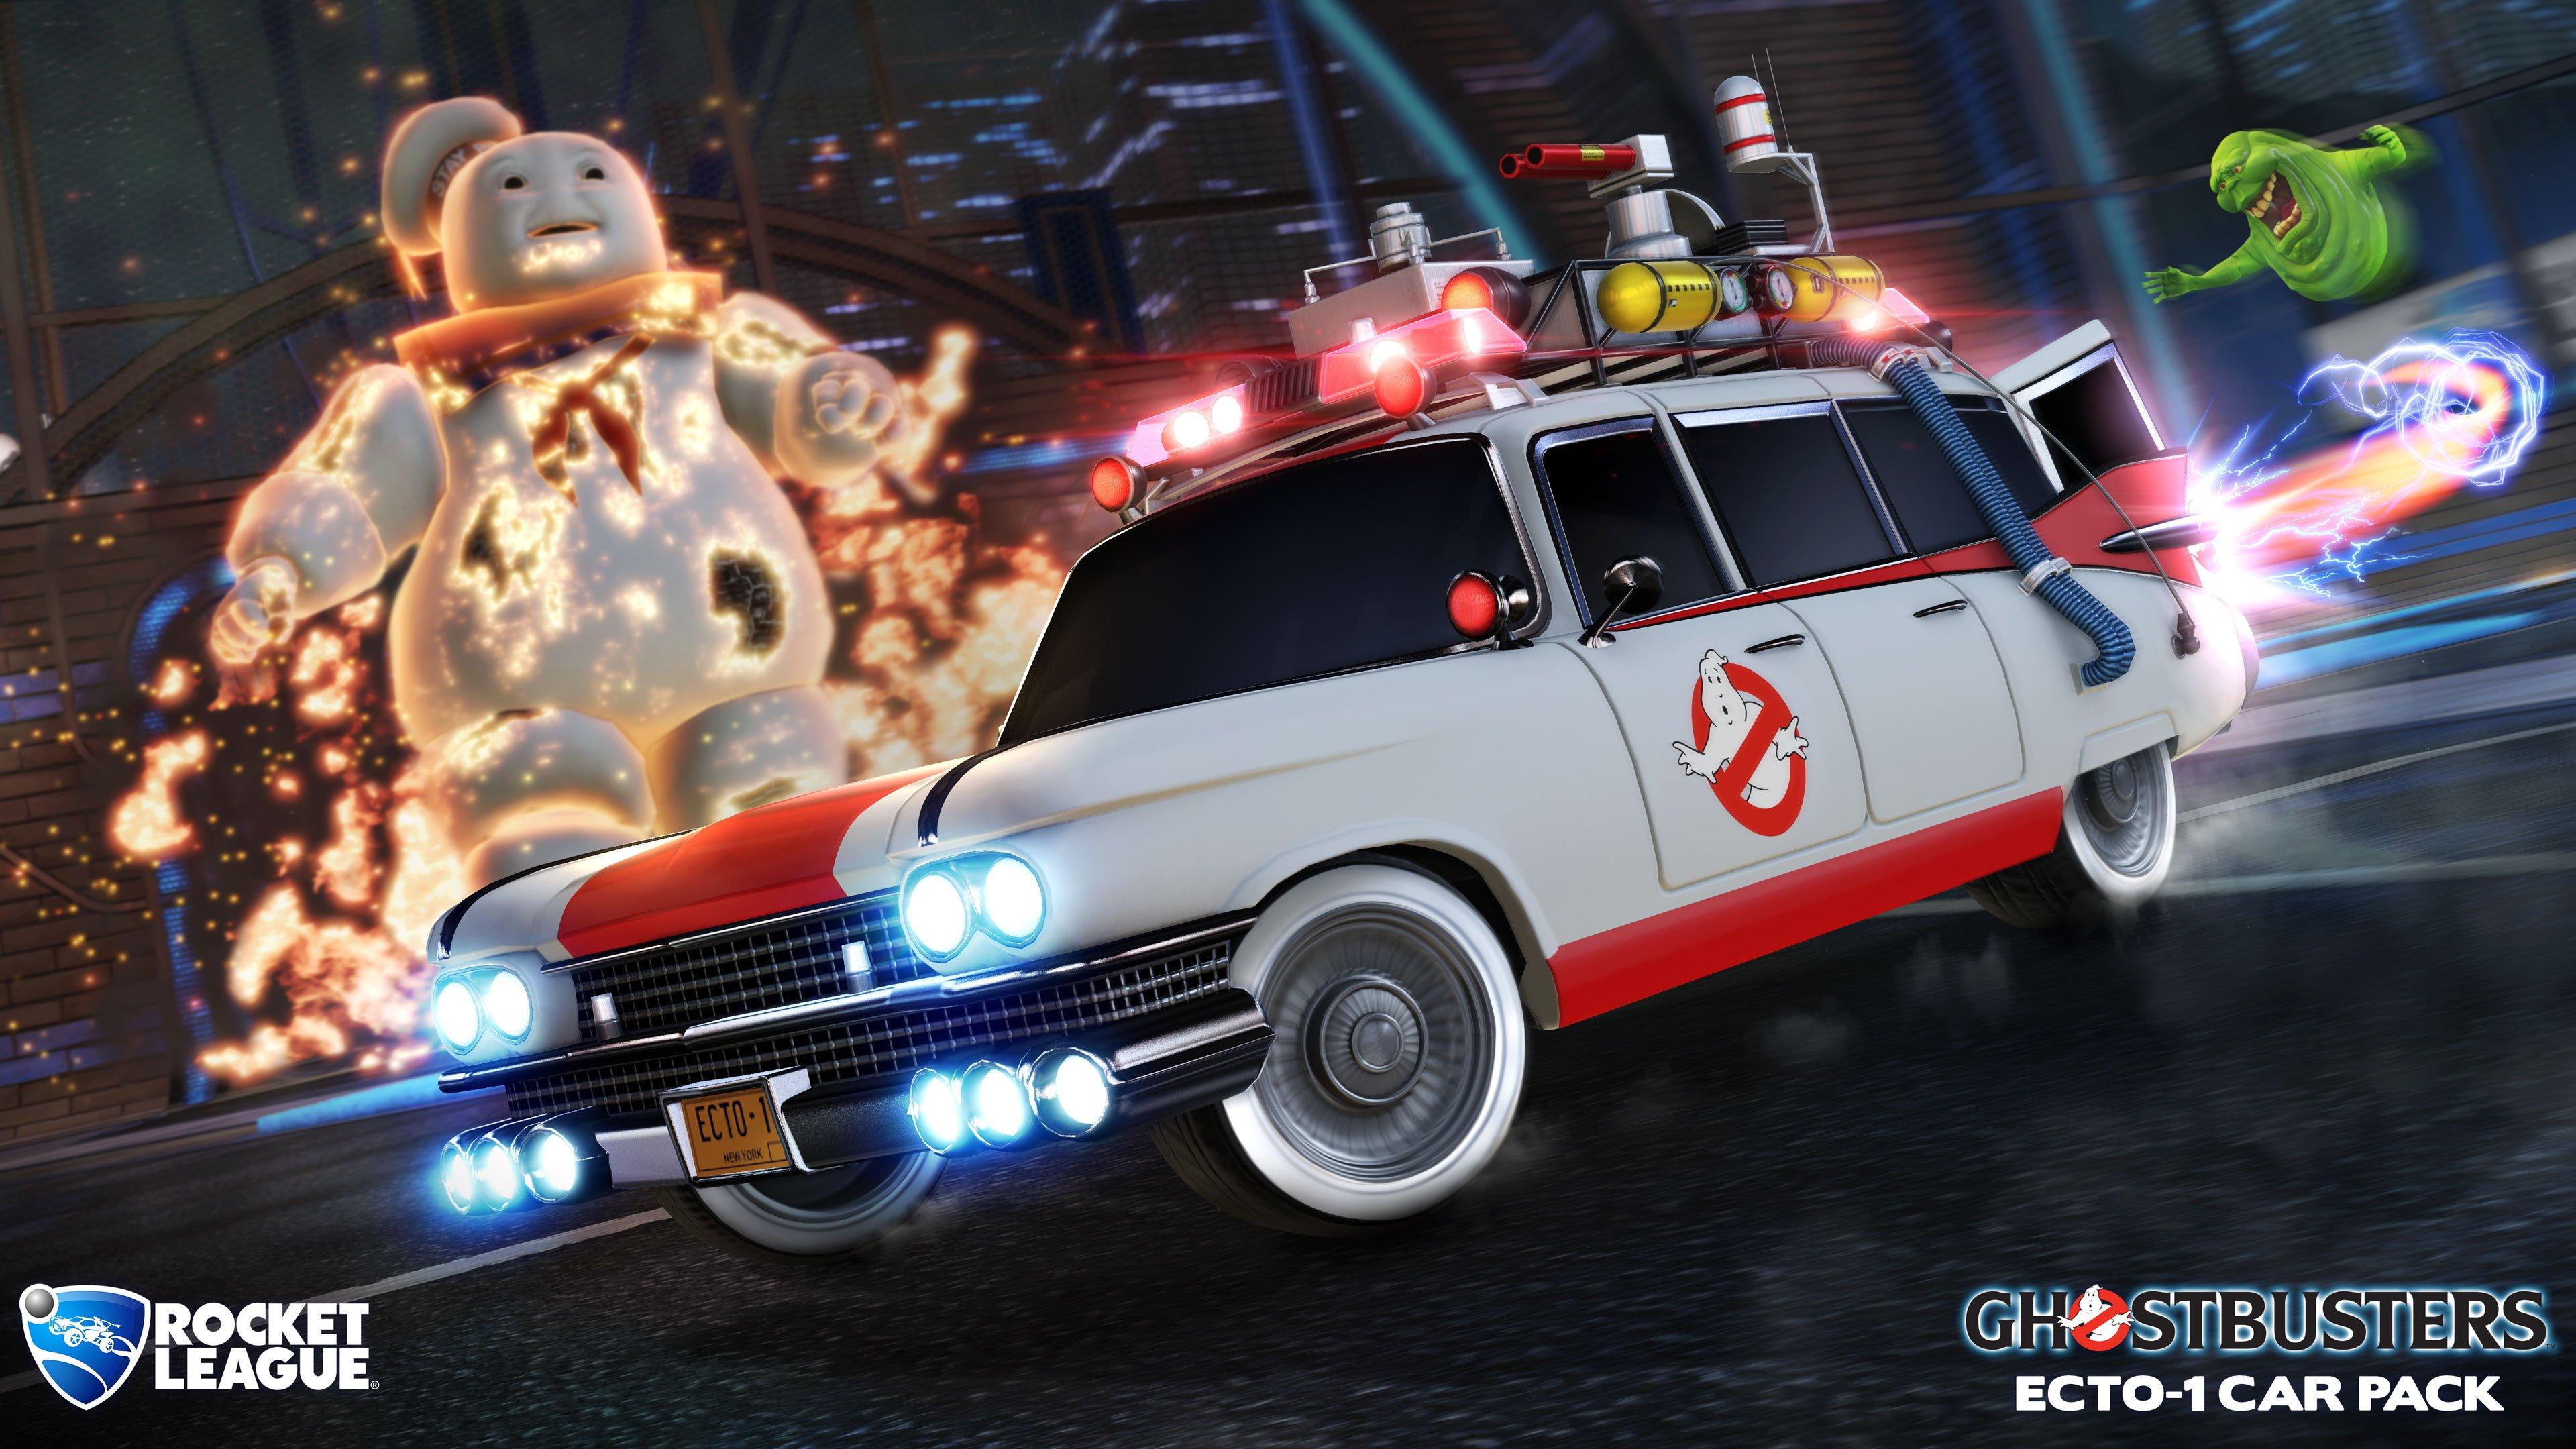 Ghostbusters Car Pack Hero